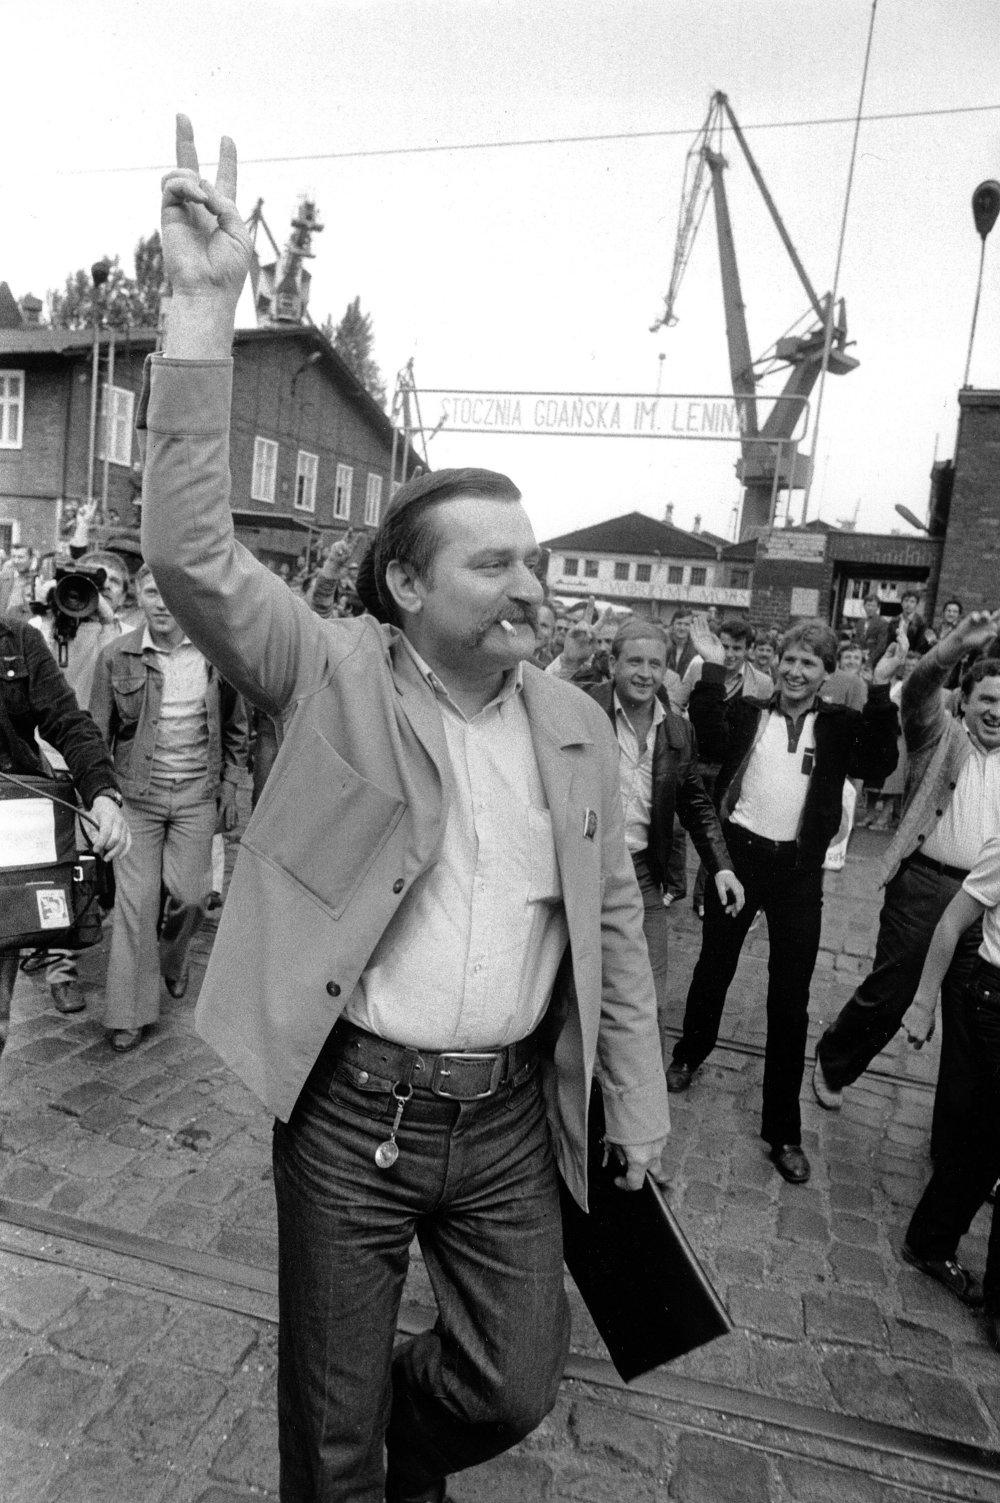 Poľský odborový predák Lech Walesa bol na čele protestov v Gdaňských lodeniciach, ktoré sa rozšírili po celej krajine. V roku 1981 ho zatkli na základe stanného práva, ktoré vyhlásil generálny tajomník Wojciech Jaruzelski. Foto - archív TASR